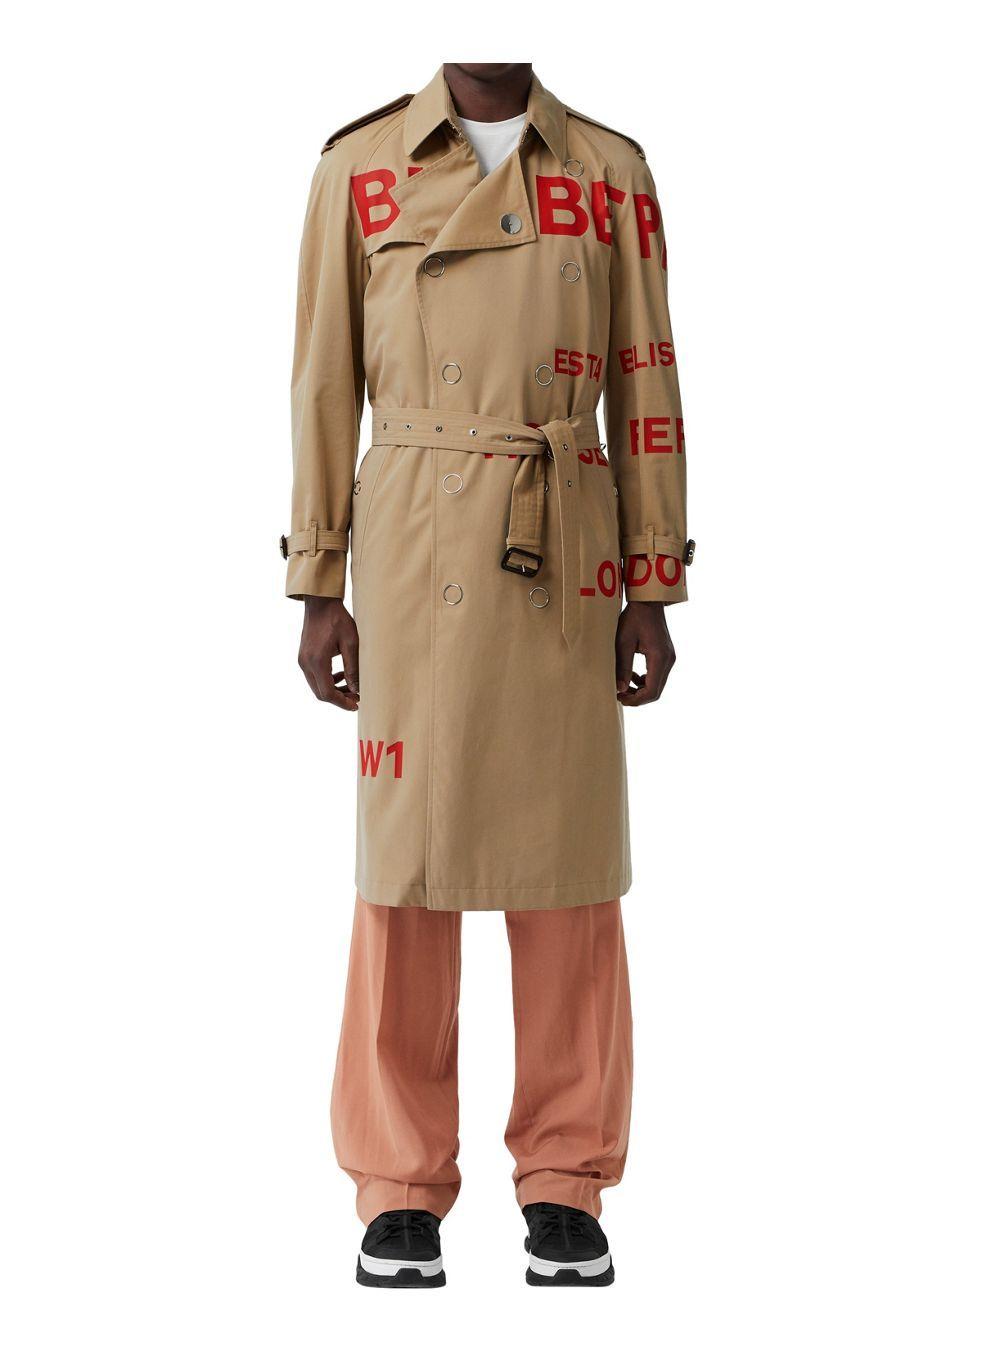 0ff8e463672a Burberry Coats - Mens - Harvey Nichols